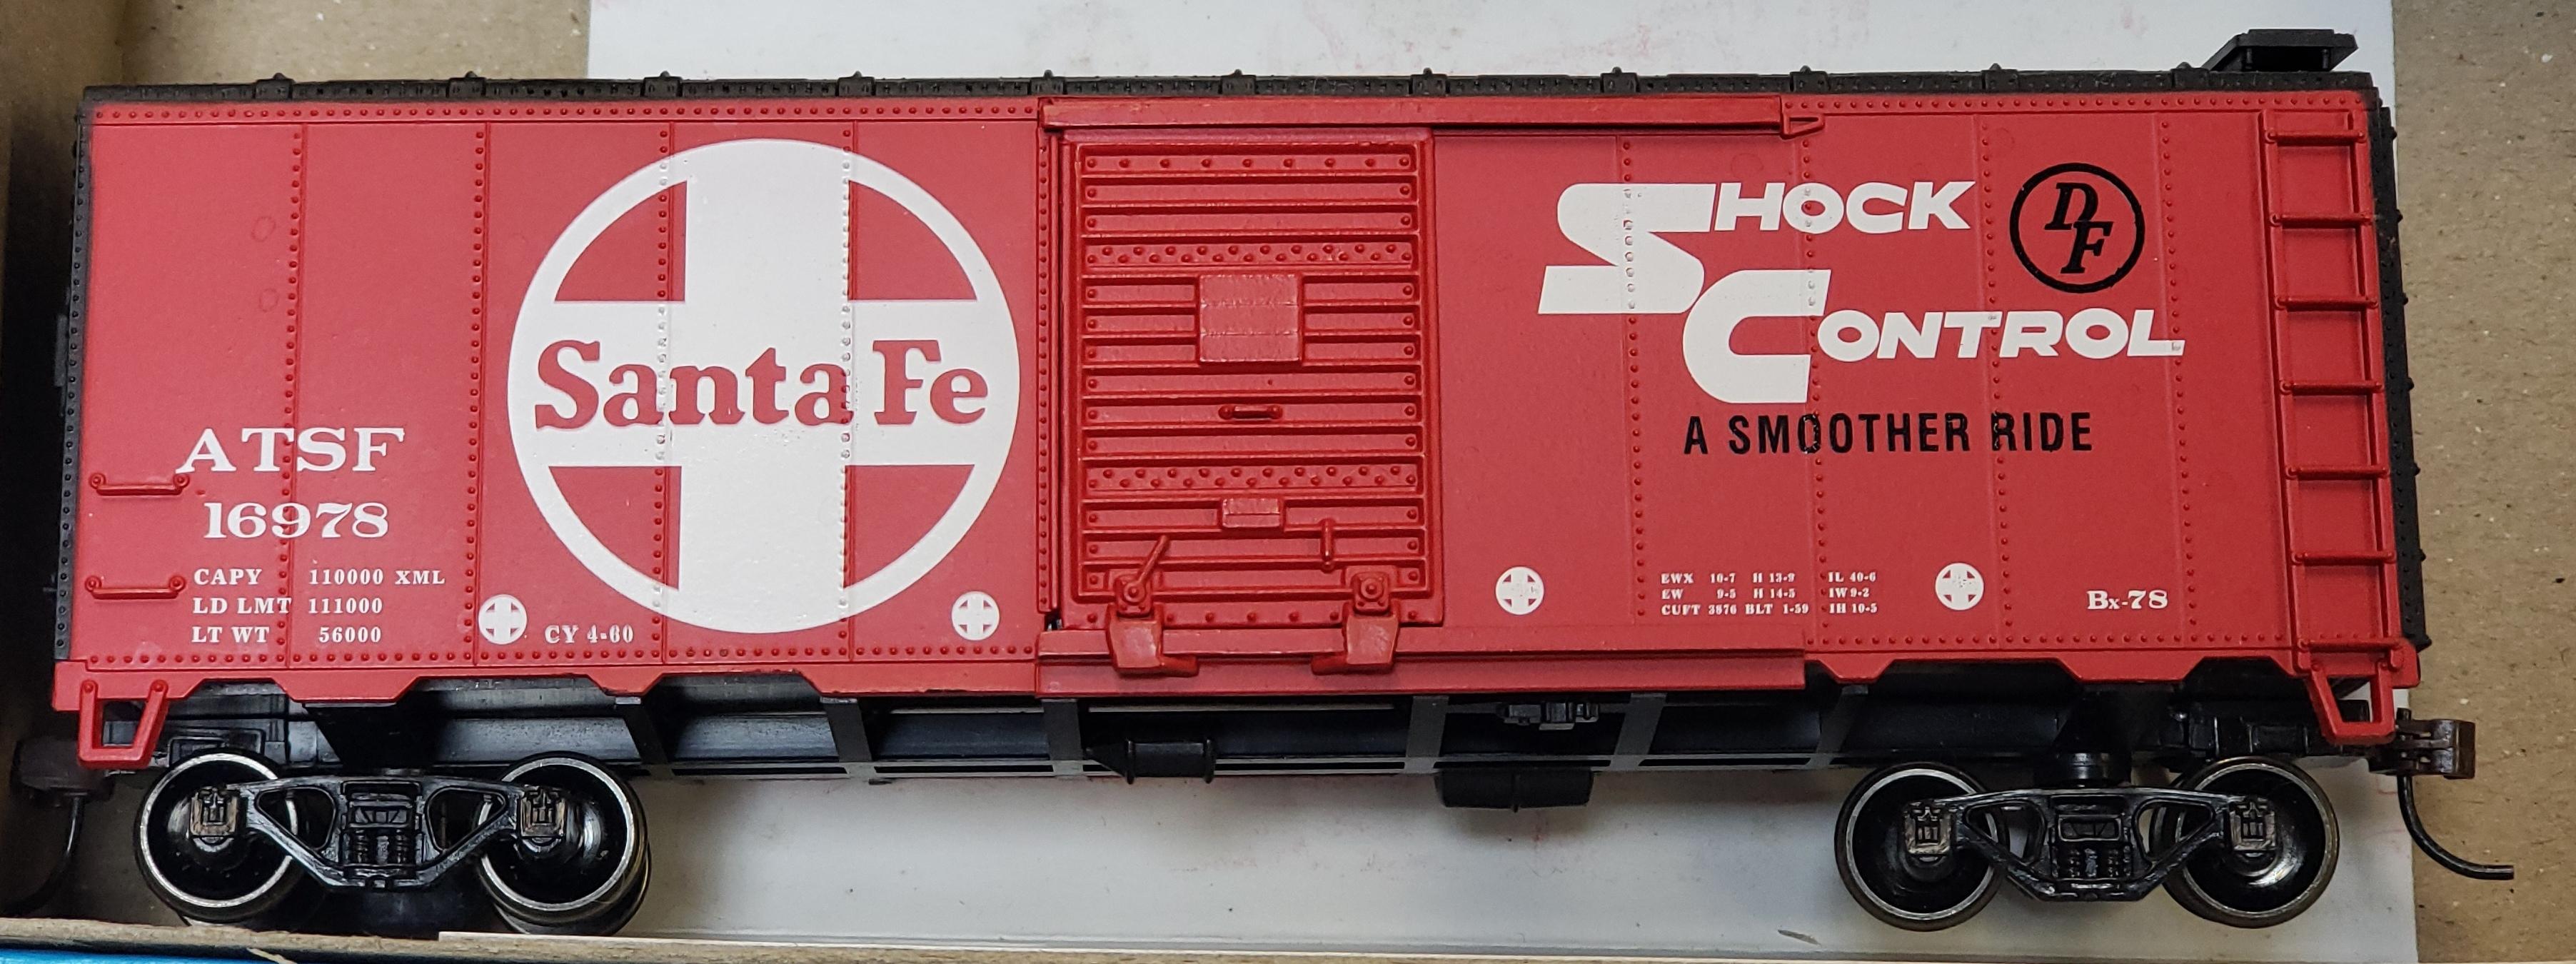 ATHEARN - 16978 - 40' AAR BOX CAR SANTA FE BOX CAR